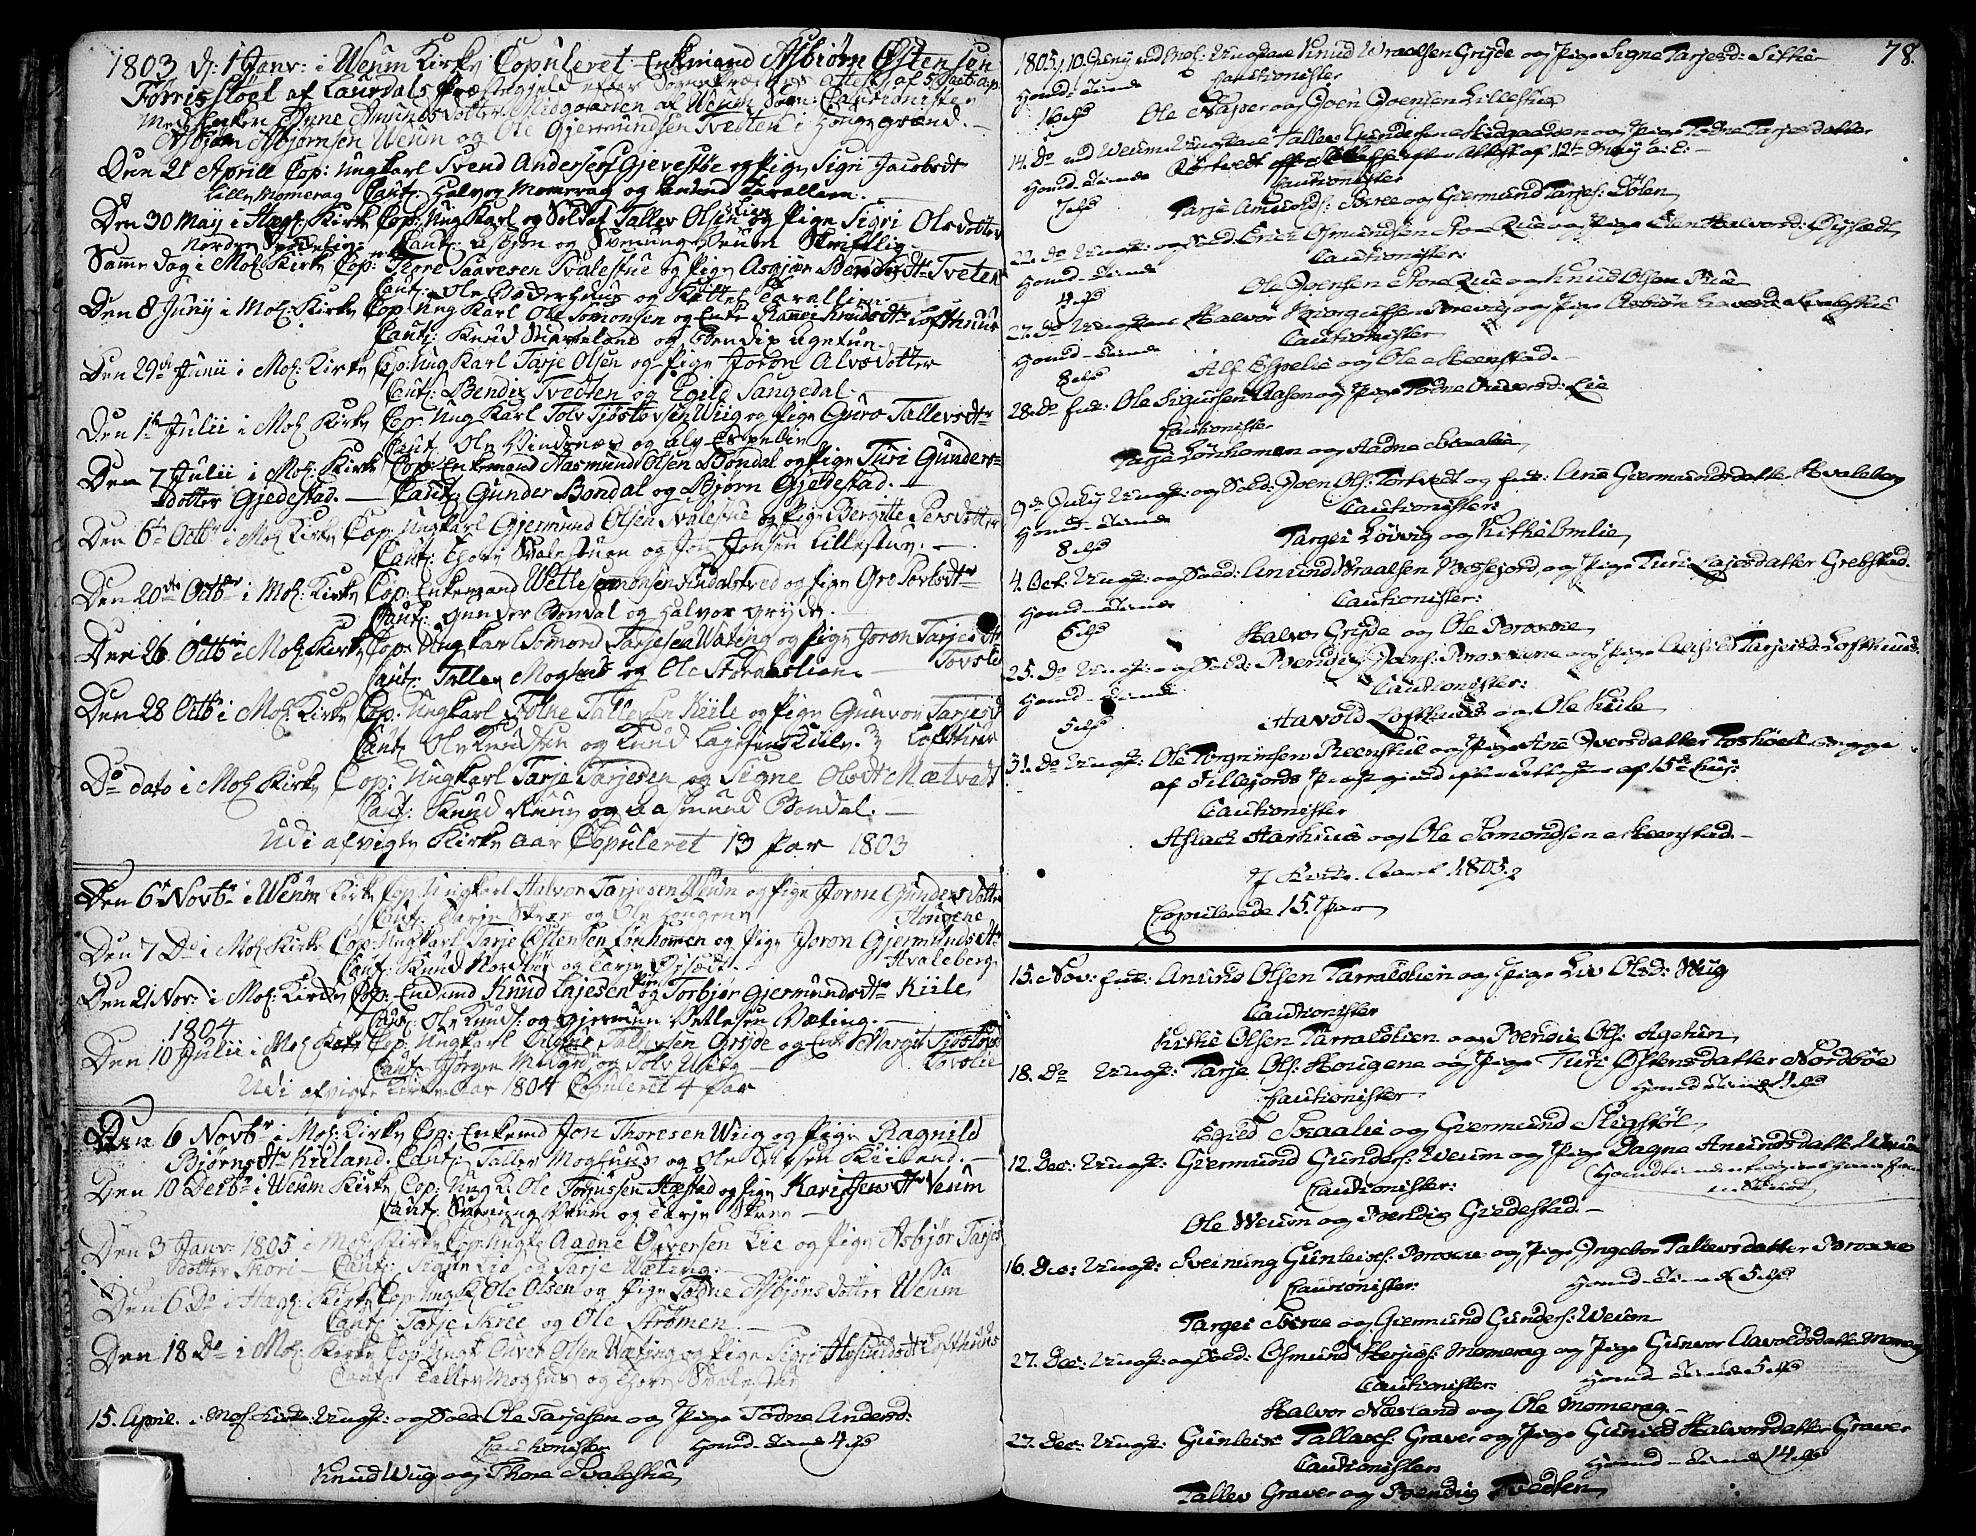 SAKO, Fyresdal kirkebøker, F/Fa/L0002: Ministerialbok nr. I 2, 1769-1814, s. 78